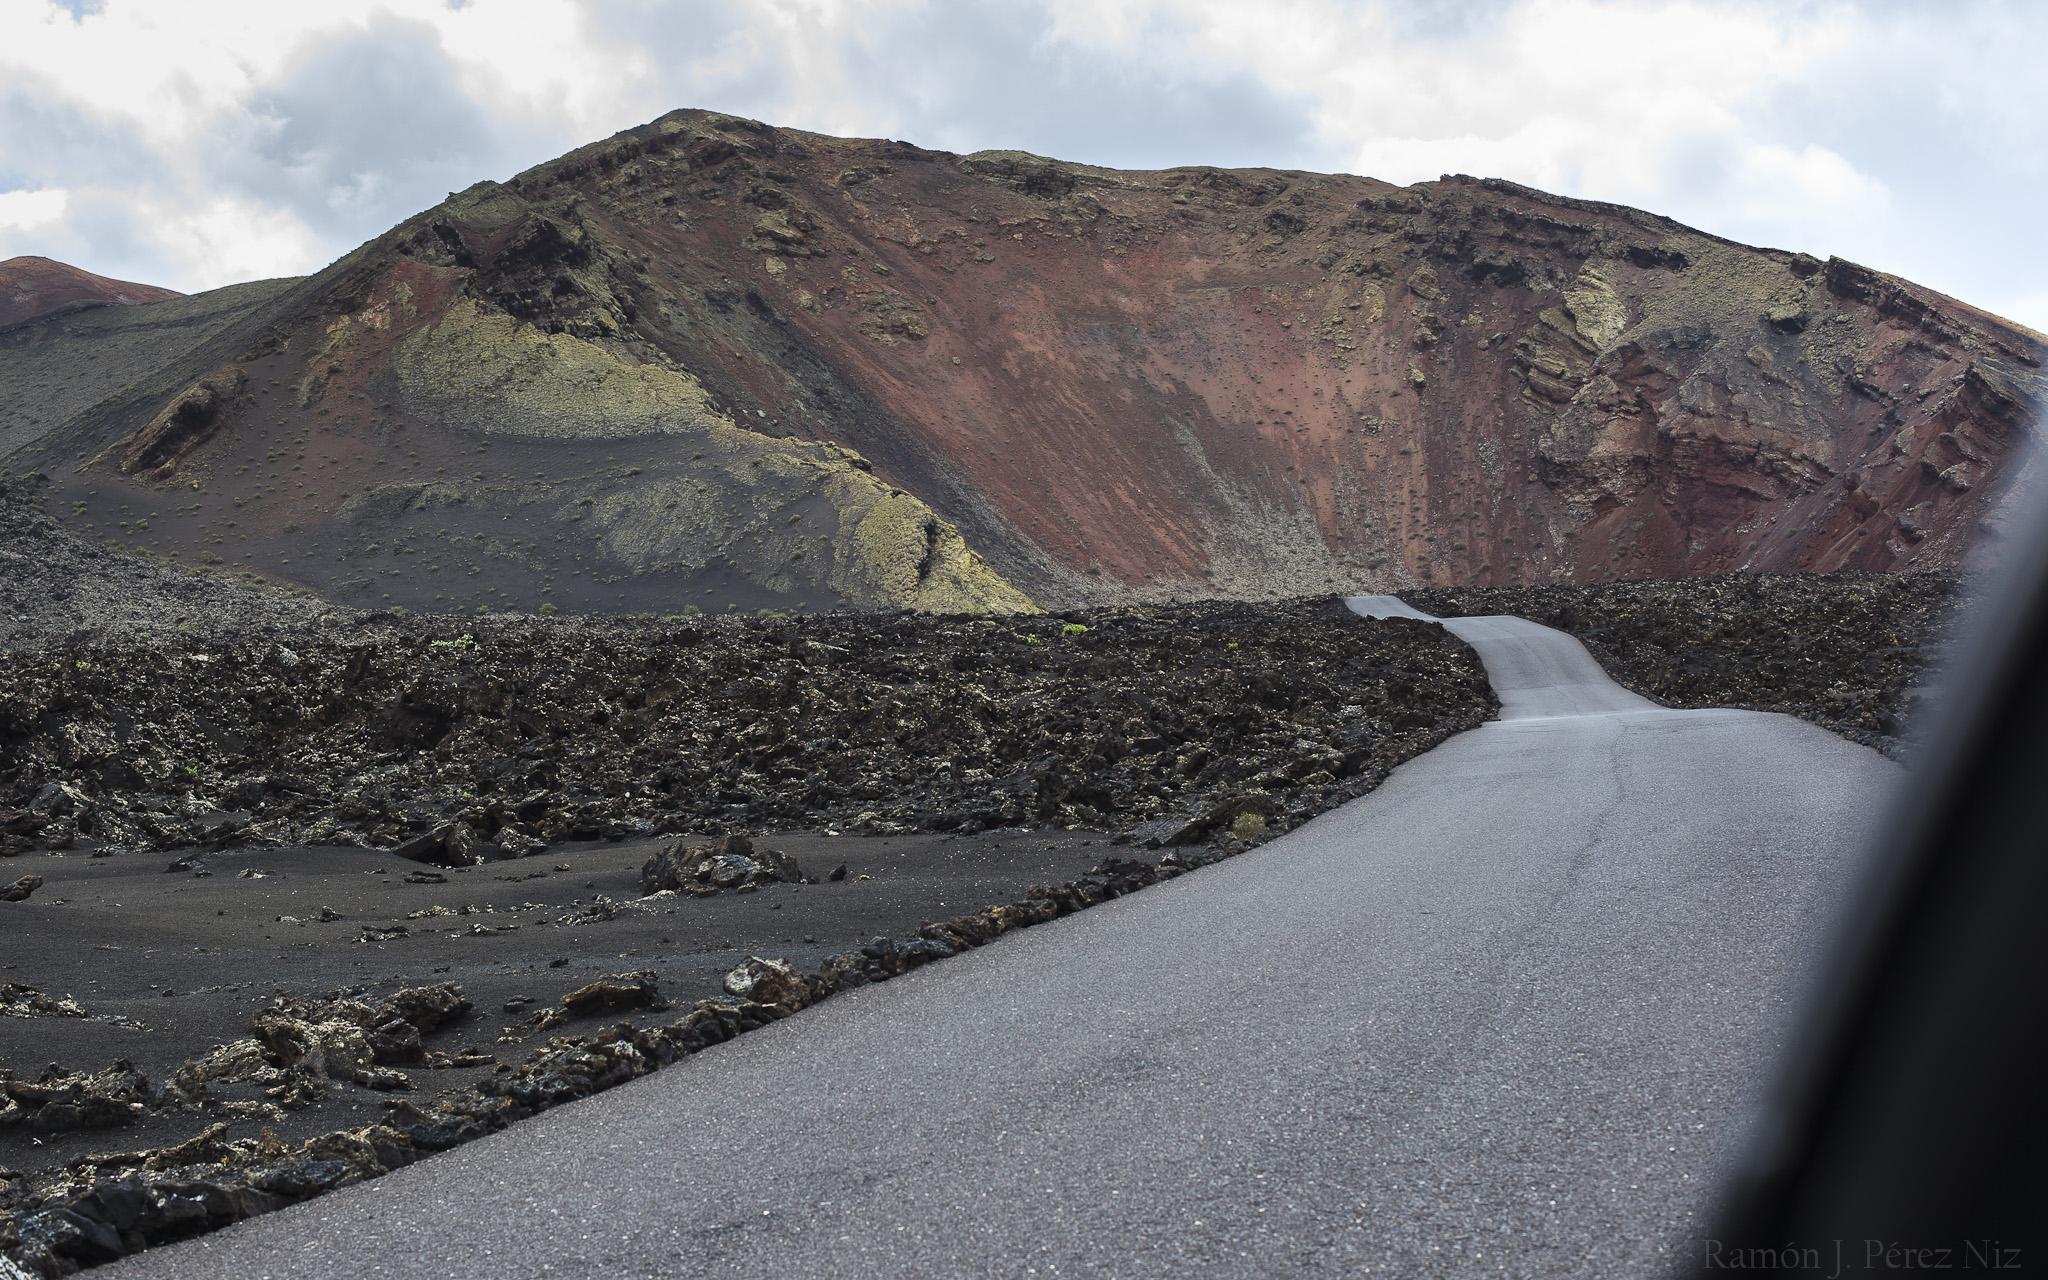 Parece que la carretera va directa al volcán.